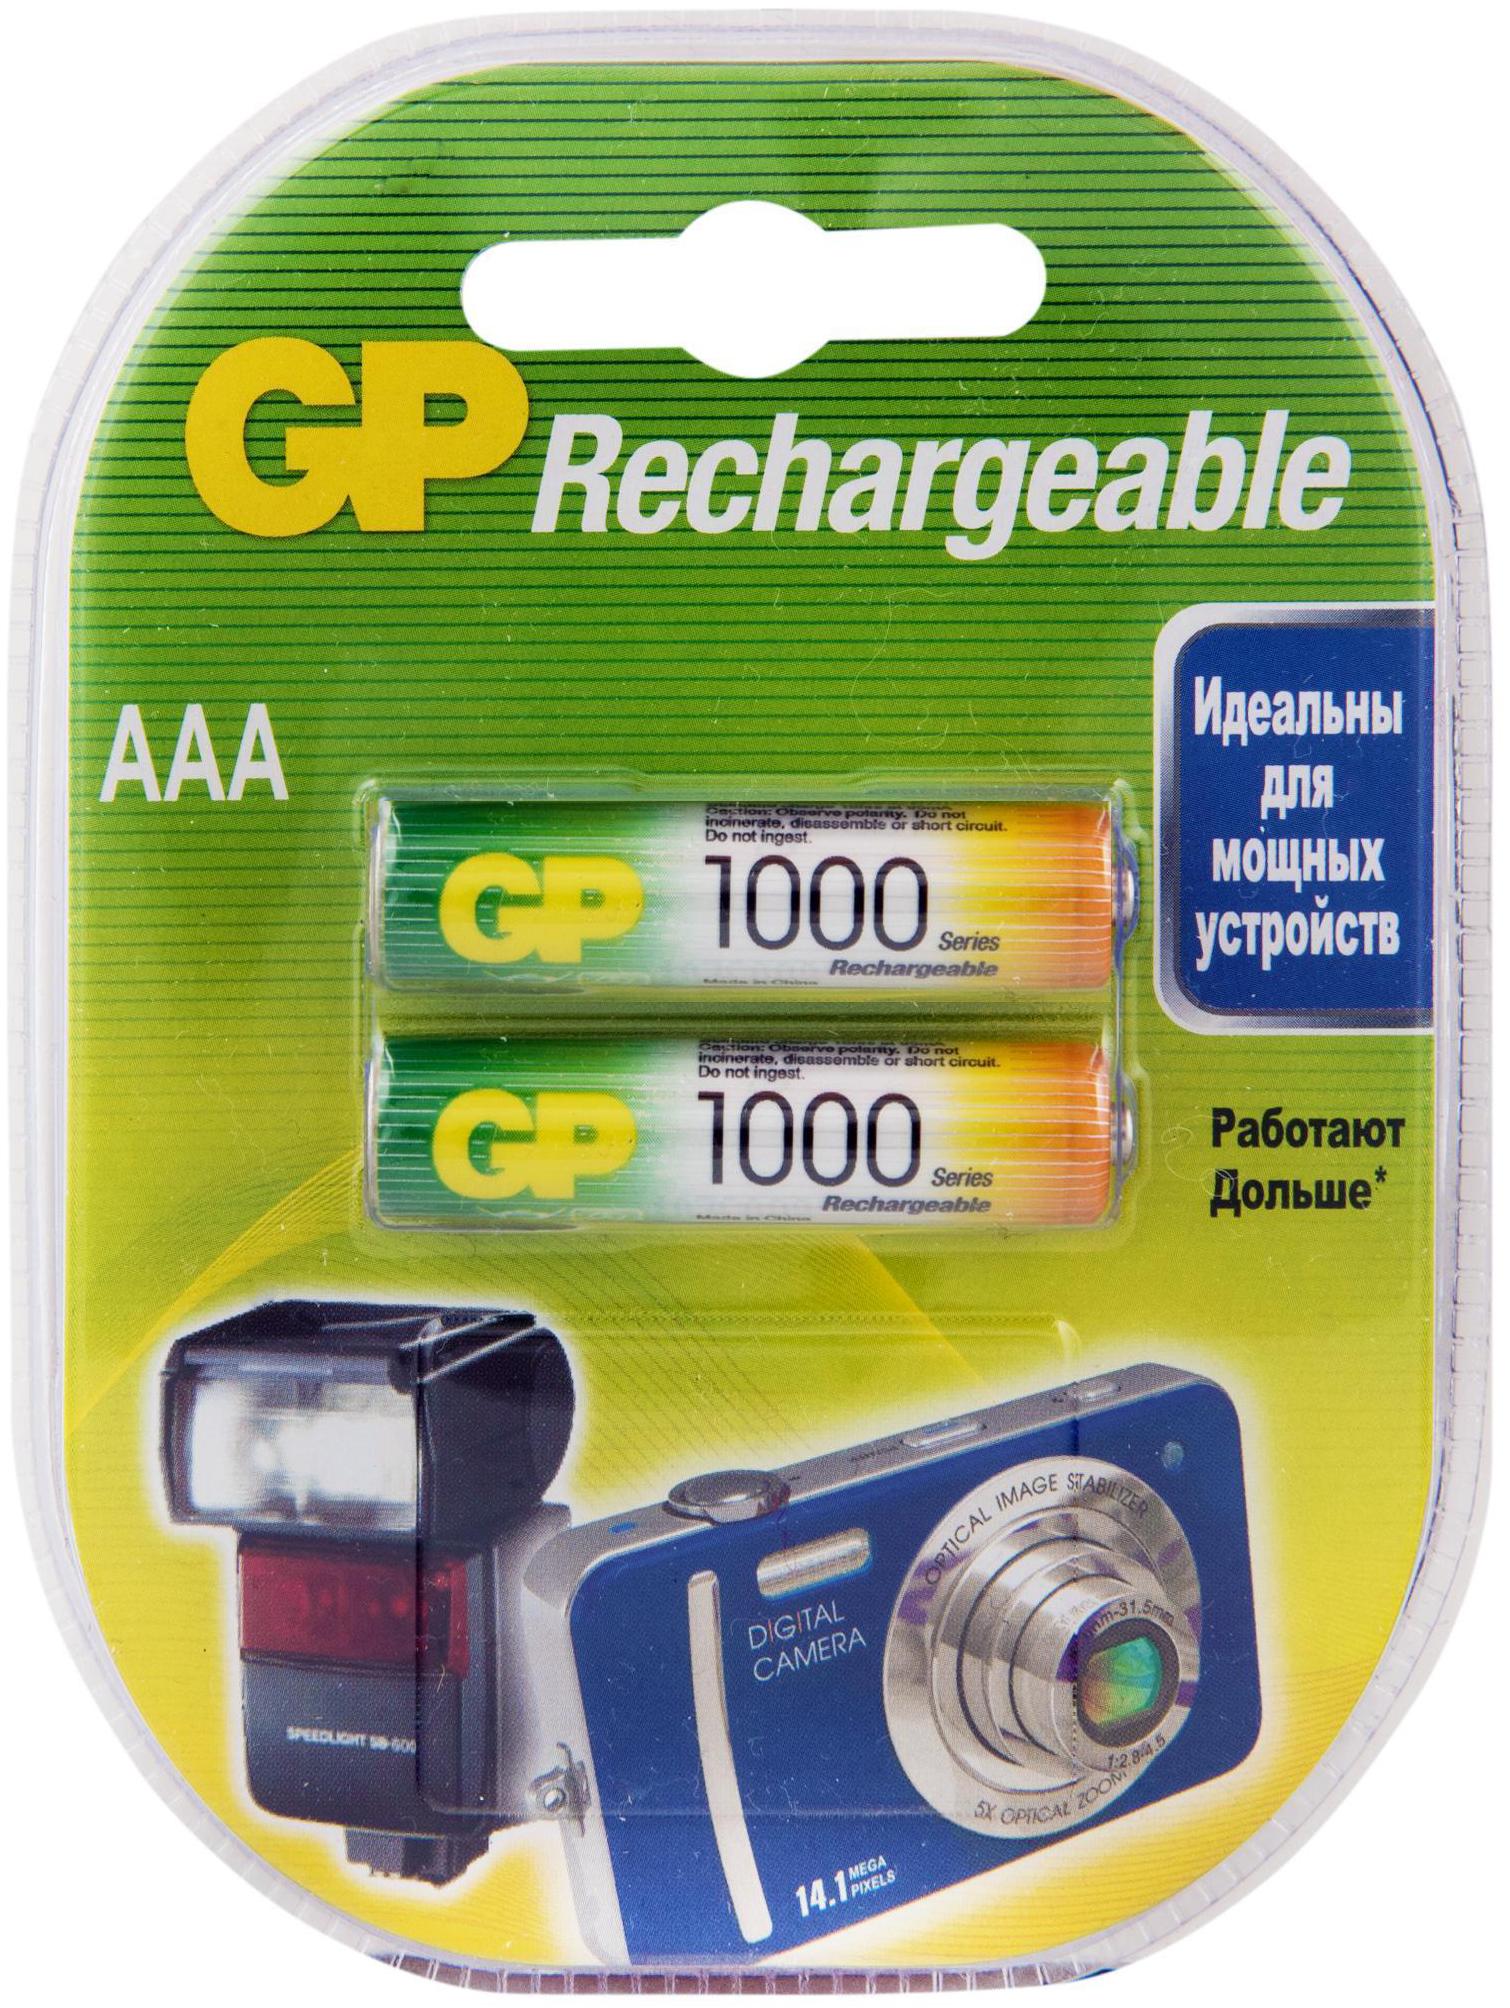 Перезаряжаемые аккумуляторы GP 100AAAHC AAA, емкость 930 мАч (Блистер, 2 шт)